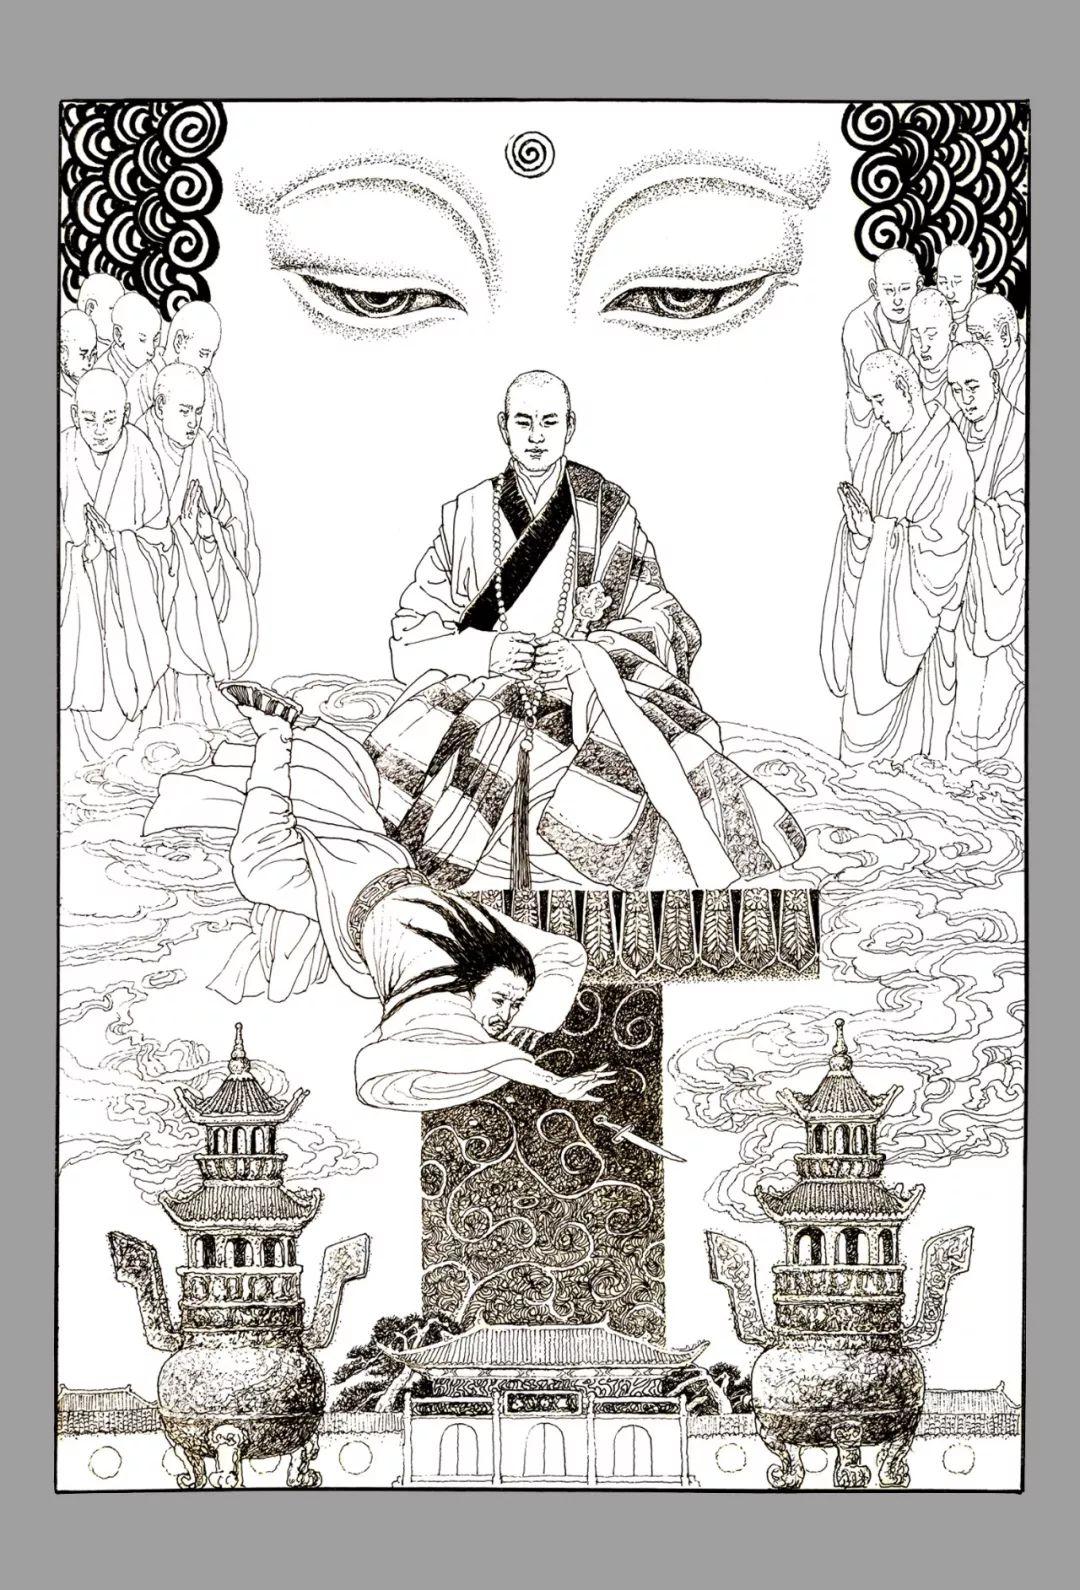 内蒙古画家--彭志信 第71张 内蒙古画家--彭志信 蒙古画廊